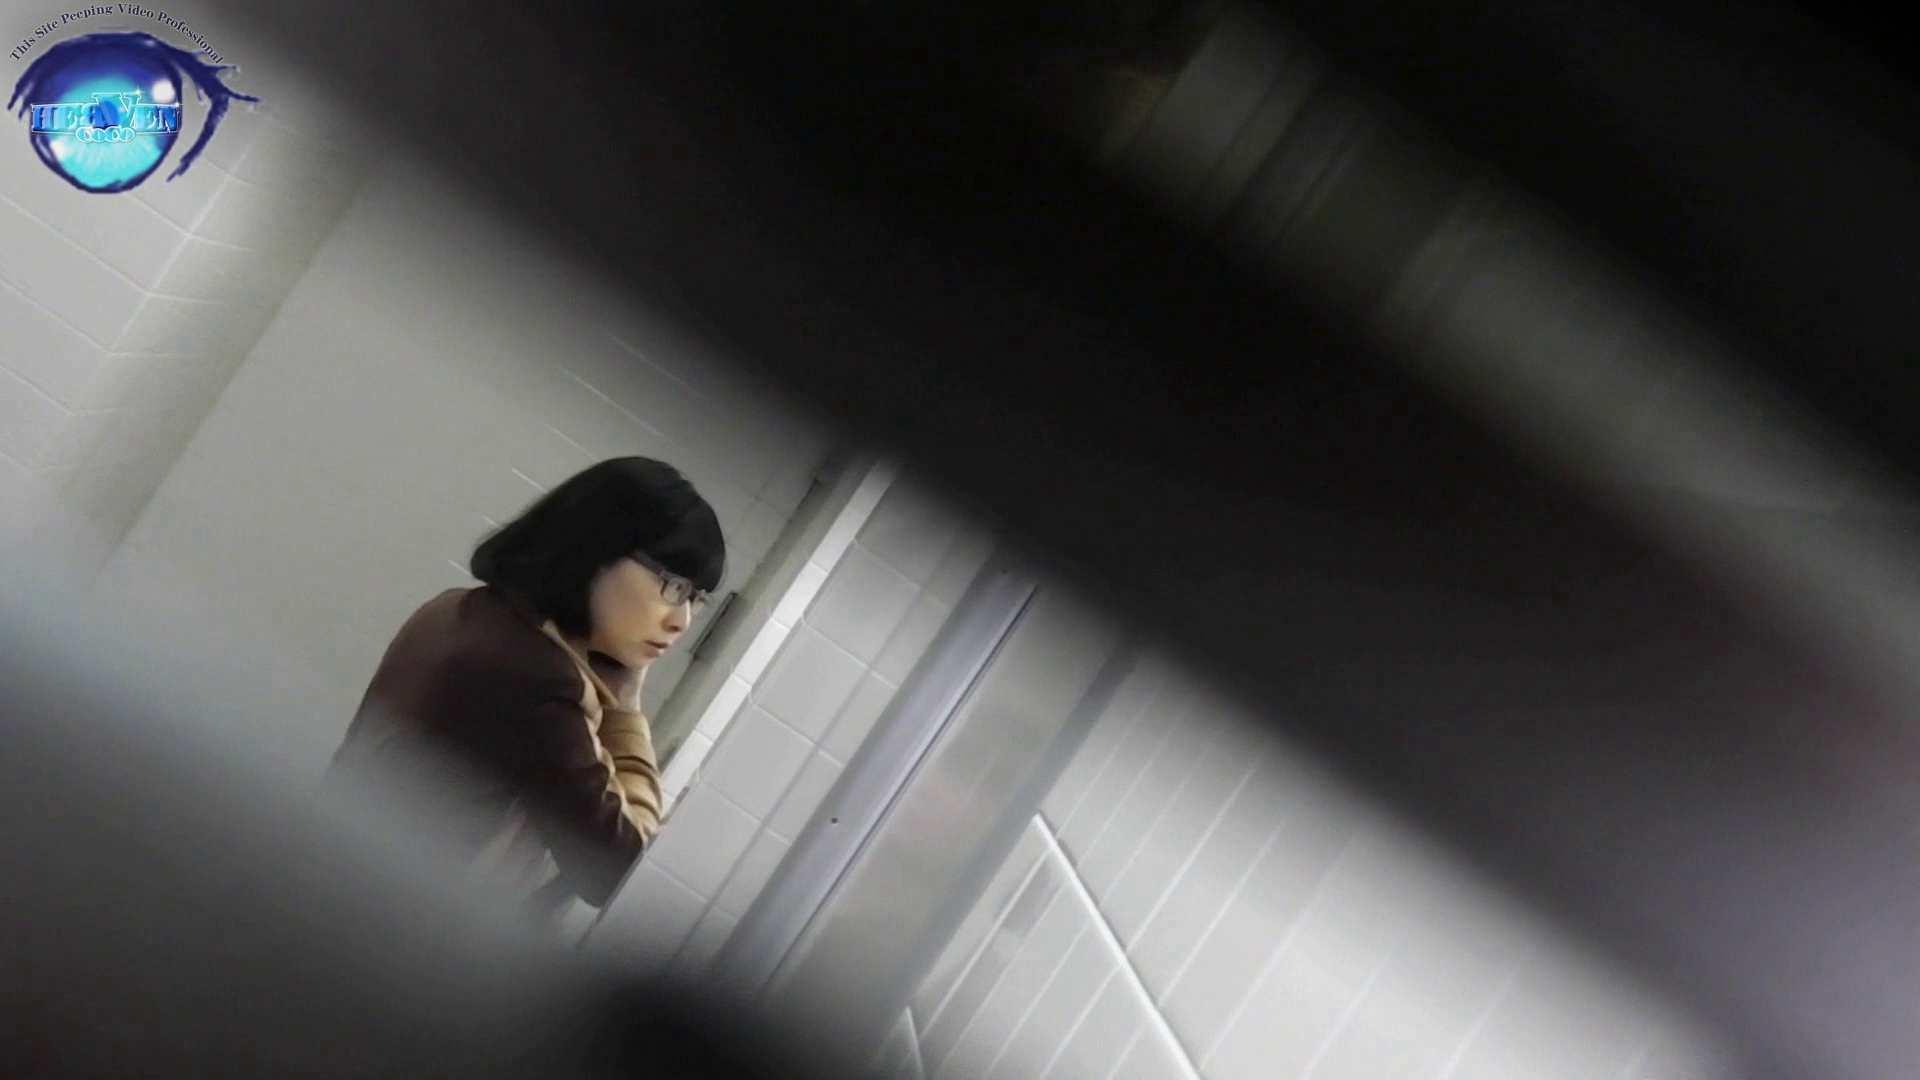 お銀さん vol.59 ピンチ!!「鏡の前で祈る女性」にばれる危機 前編 OLセックス   0  86画像 19